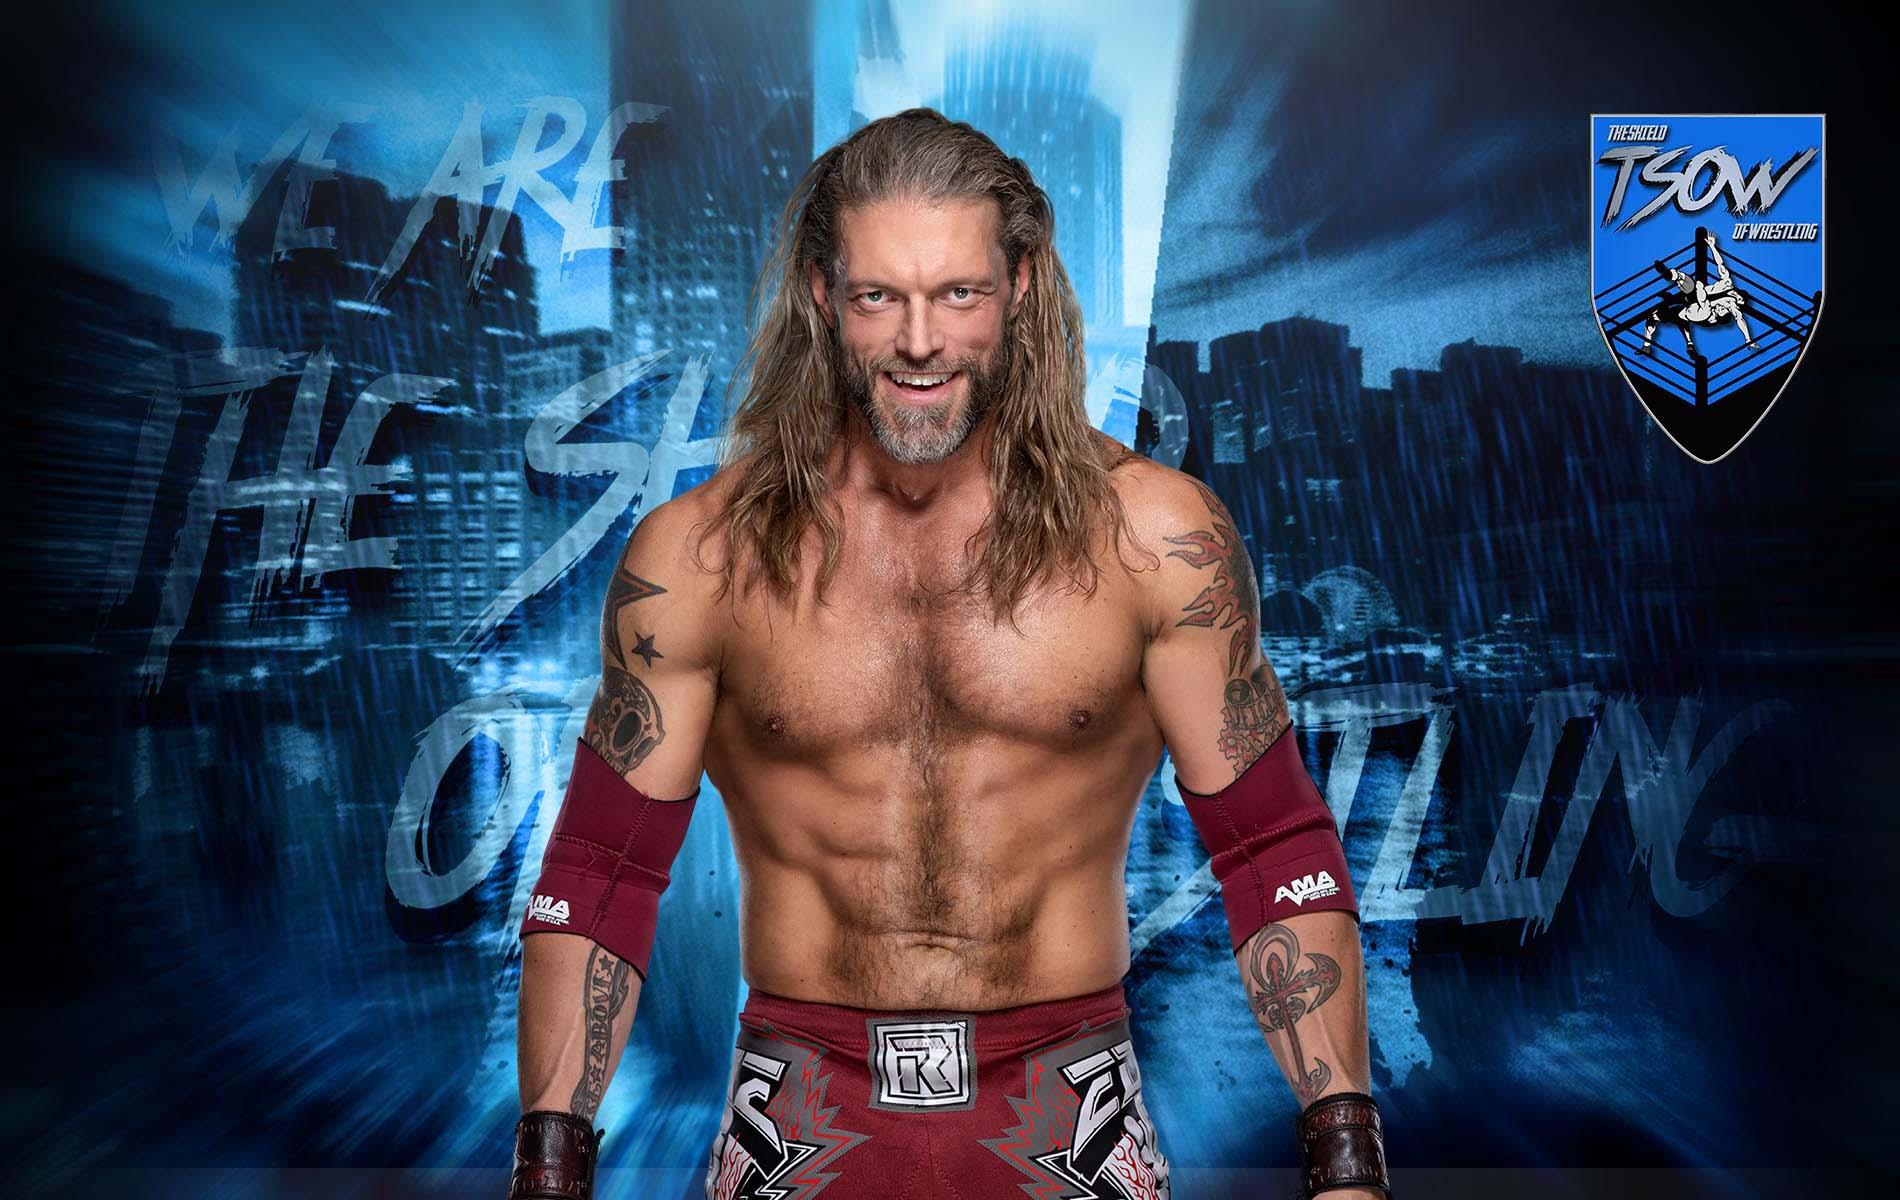 Edge: quando sceglierà l'avversario per WrestleMania 37?